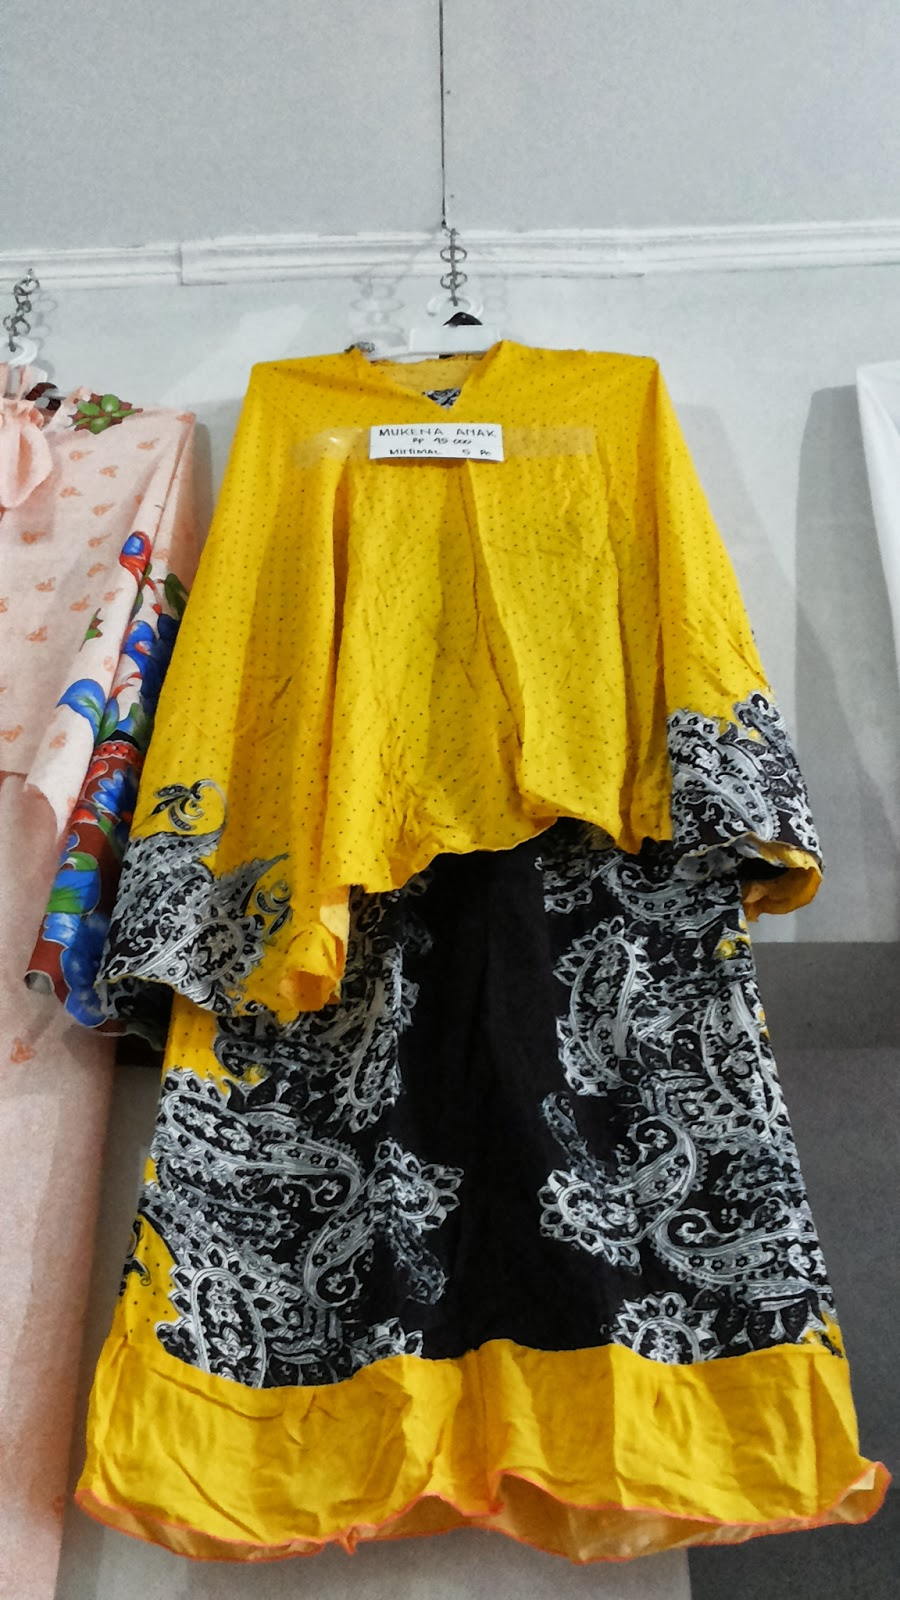 Pusat Obral Grosir Baju Anak 5000 Mukena Katun Jepang Murah Meriah Langsung Dari Pabrik Grosir Mukena Bali Untuk Anak Murah 47rb